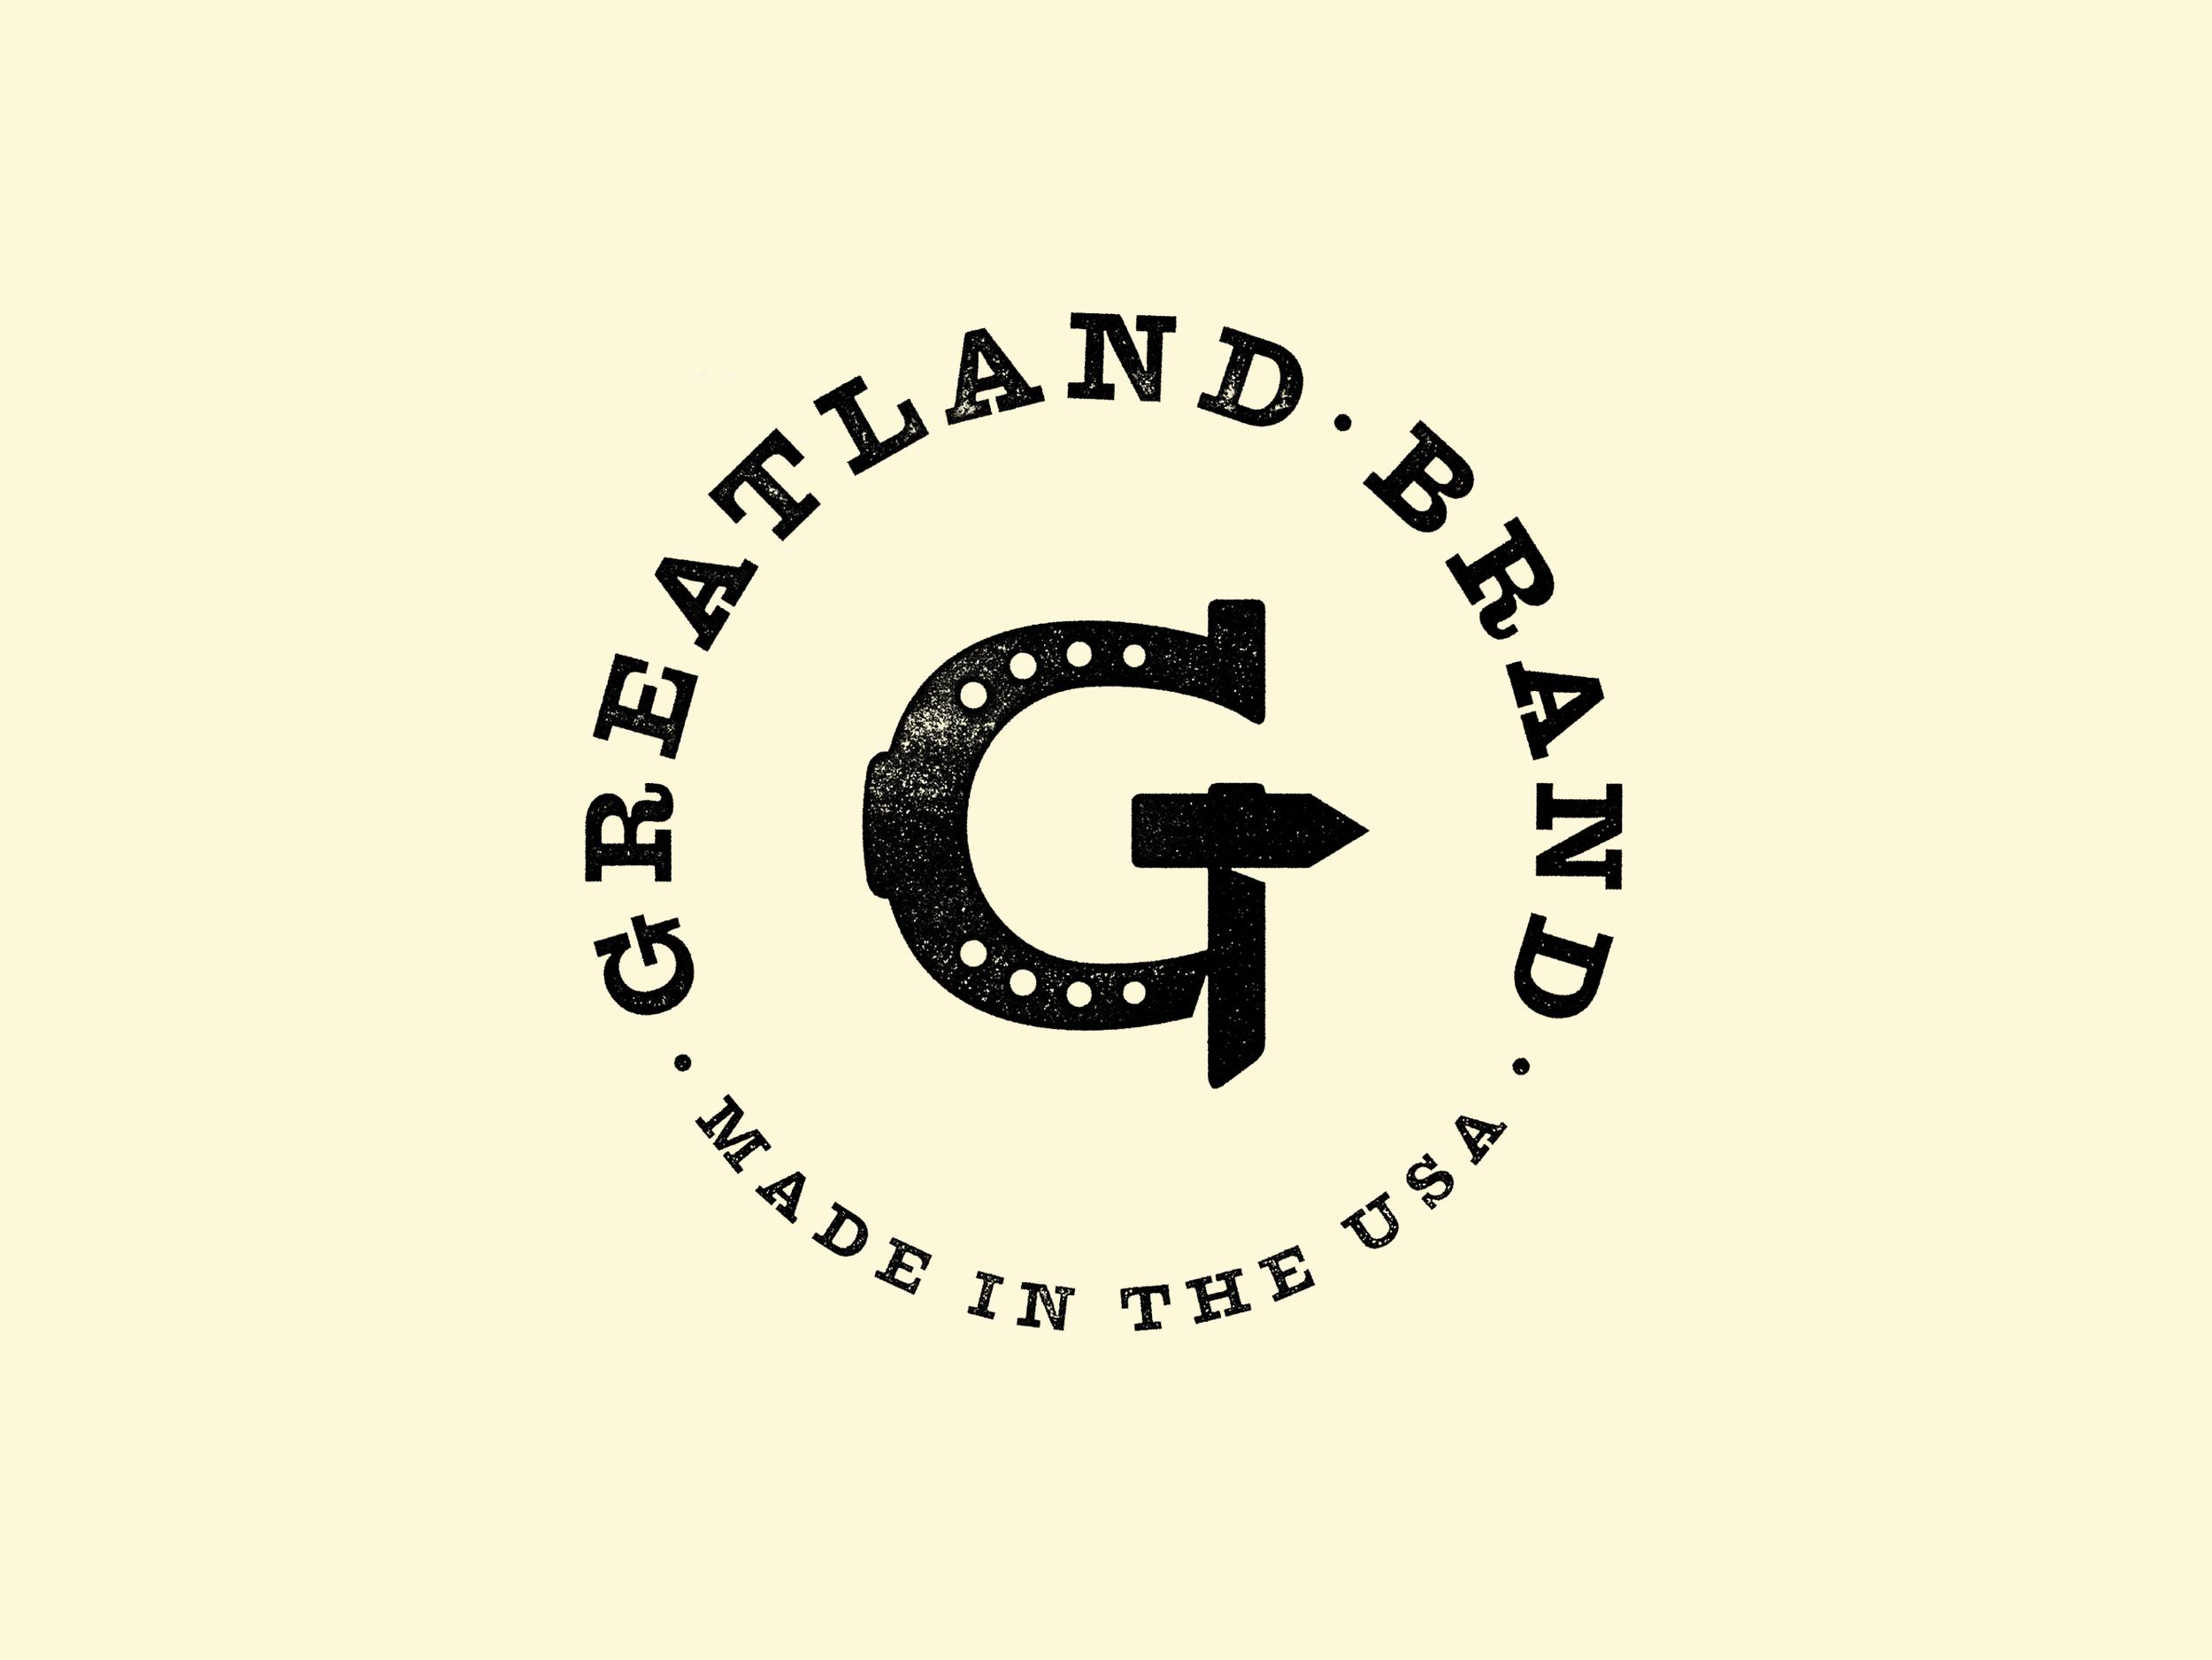 Greatland_10.jpg